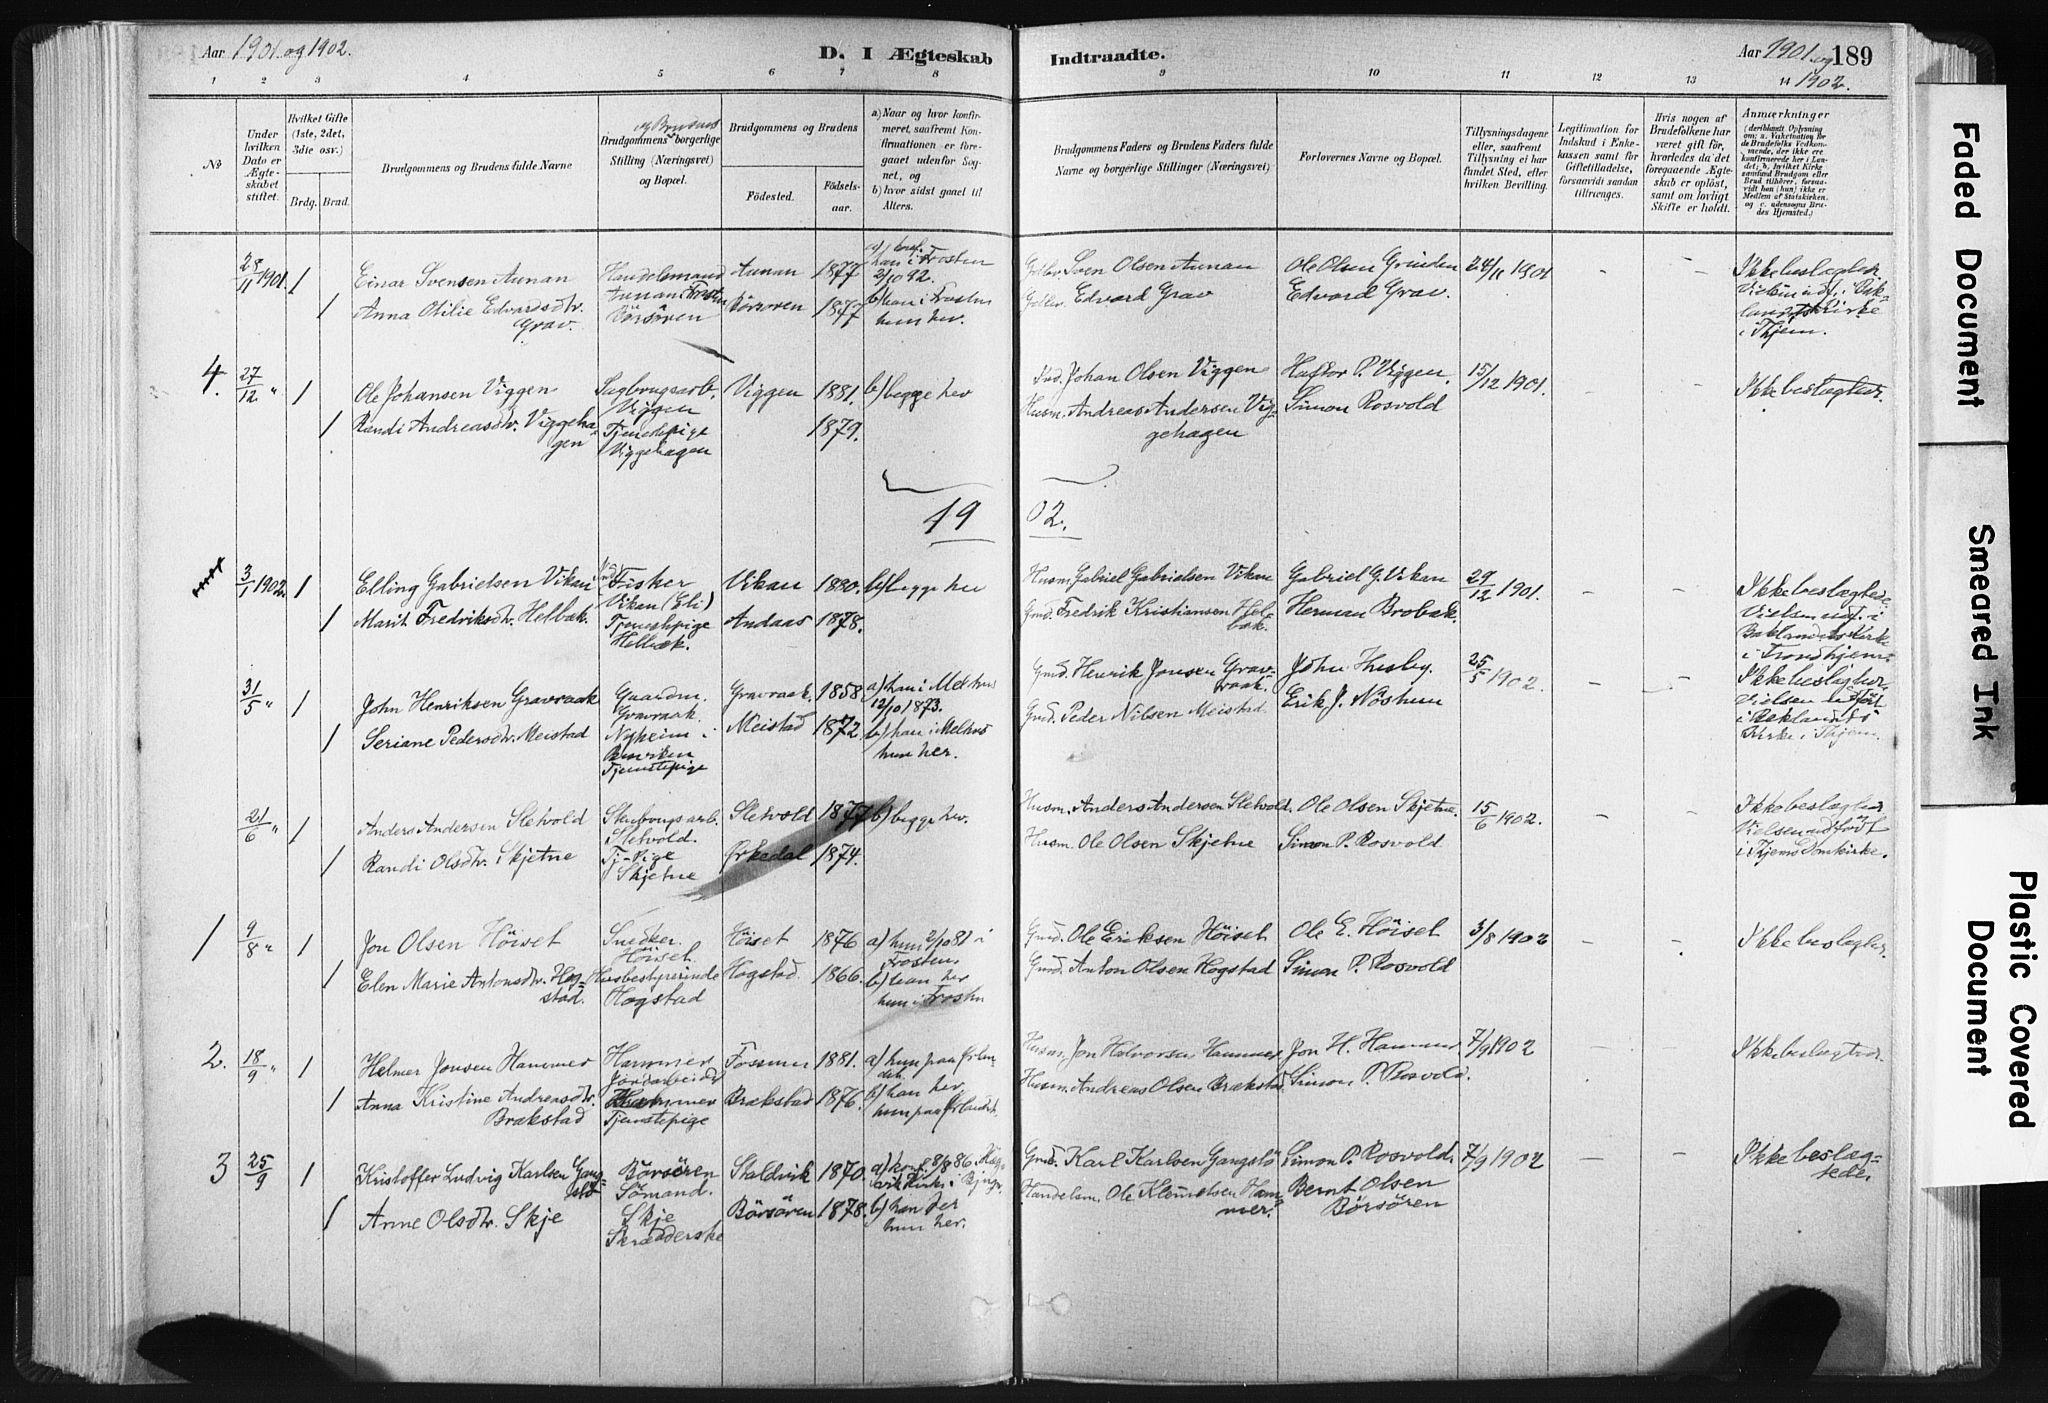 SAT, Ministerialprotokoller, klokkerbøker og fødselsregistre - Sør-Trøndelag, 665/L0773: Ministerialbok nr. 665A08, 1879-1905, s. 189